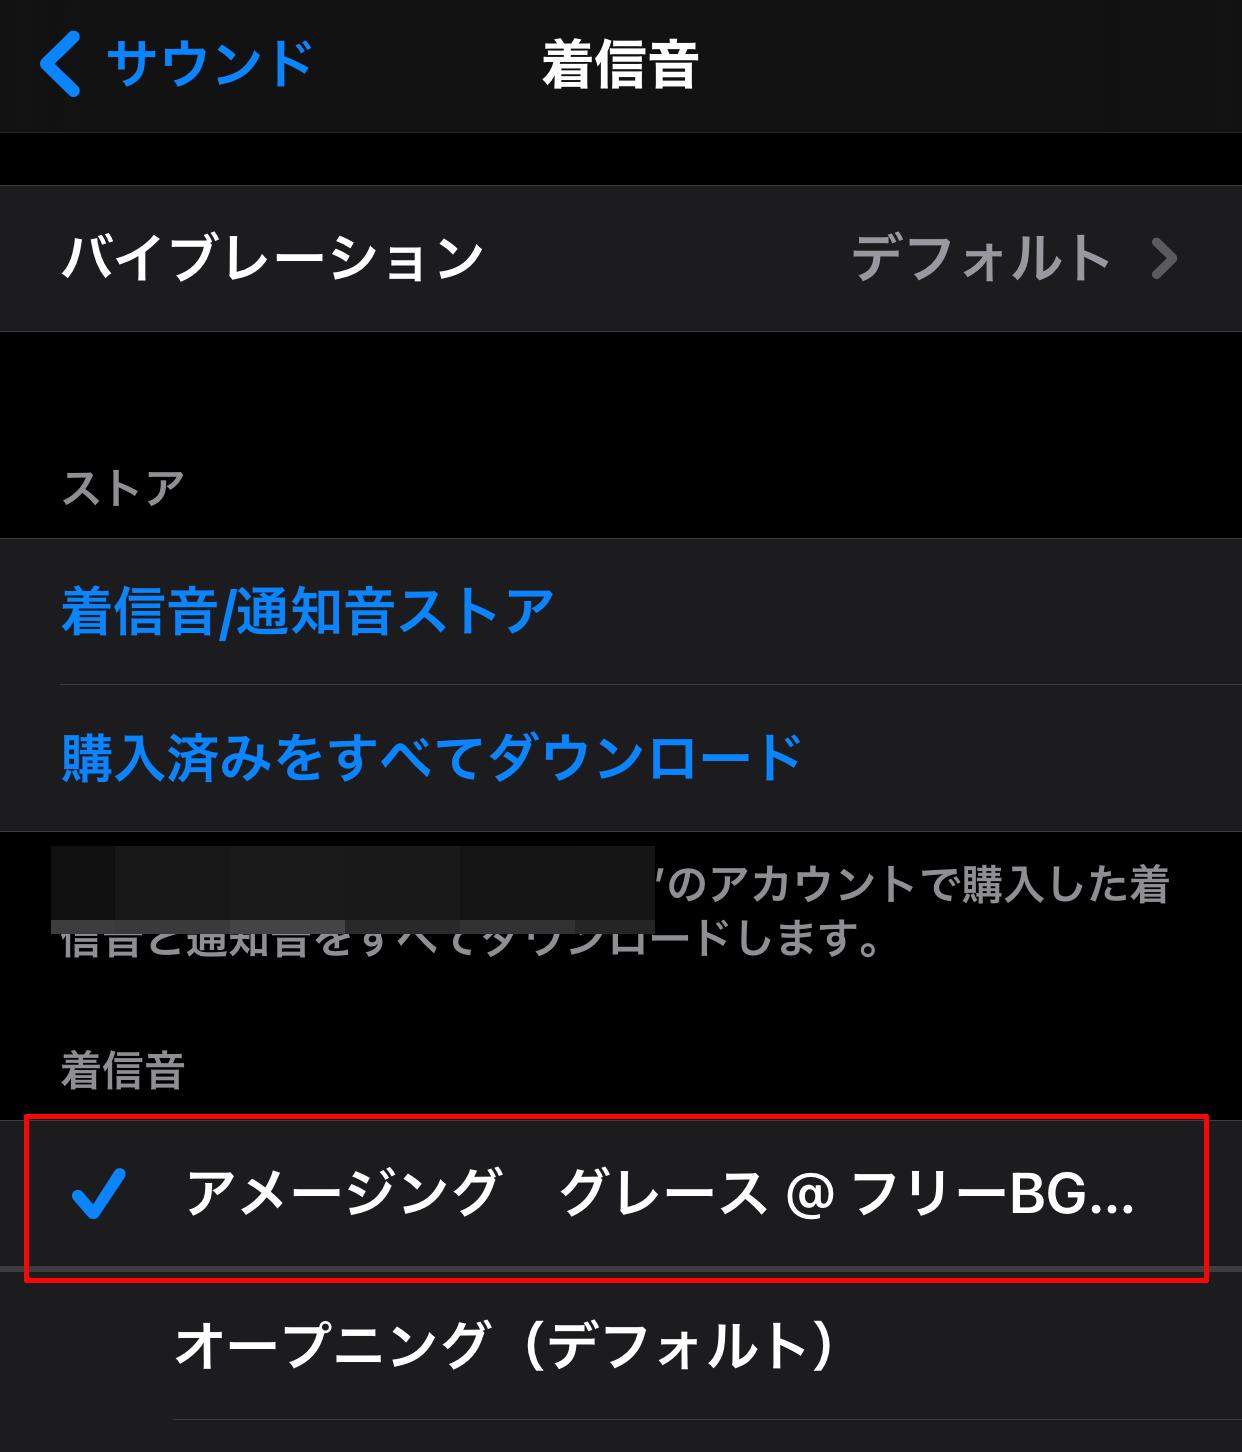 iPhoneの「設定」→「サウンド」→「着信音」をタップした中にある「EaseUS Ringtone Editor」で作成した着信音を選択してすべての工程は完了